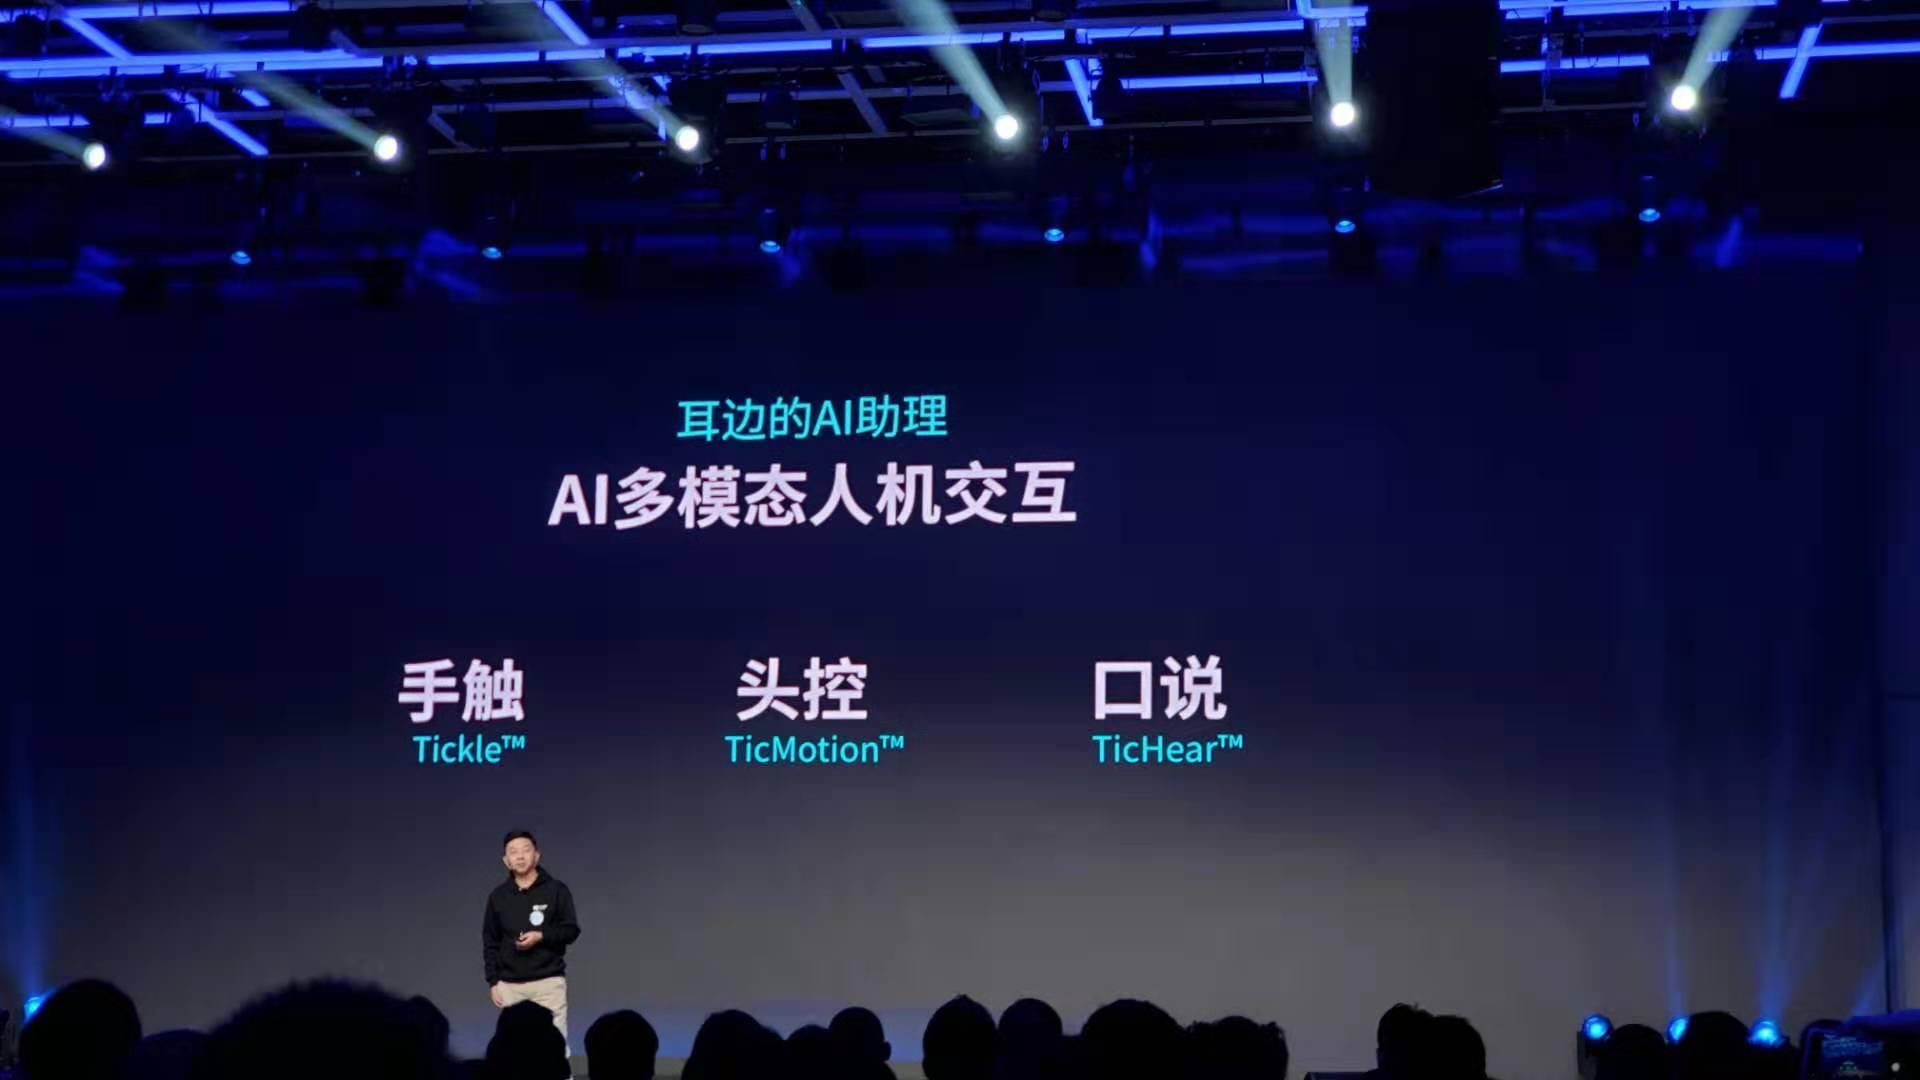 出门问问发布了他们的耳机新品 TicPods 2,还说人工智能才是耳机的未来趋势